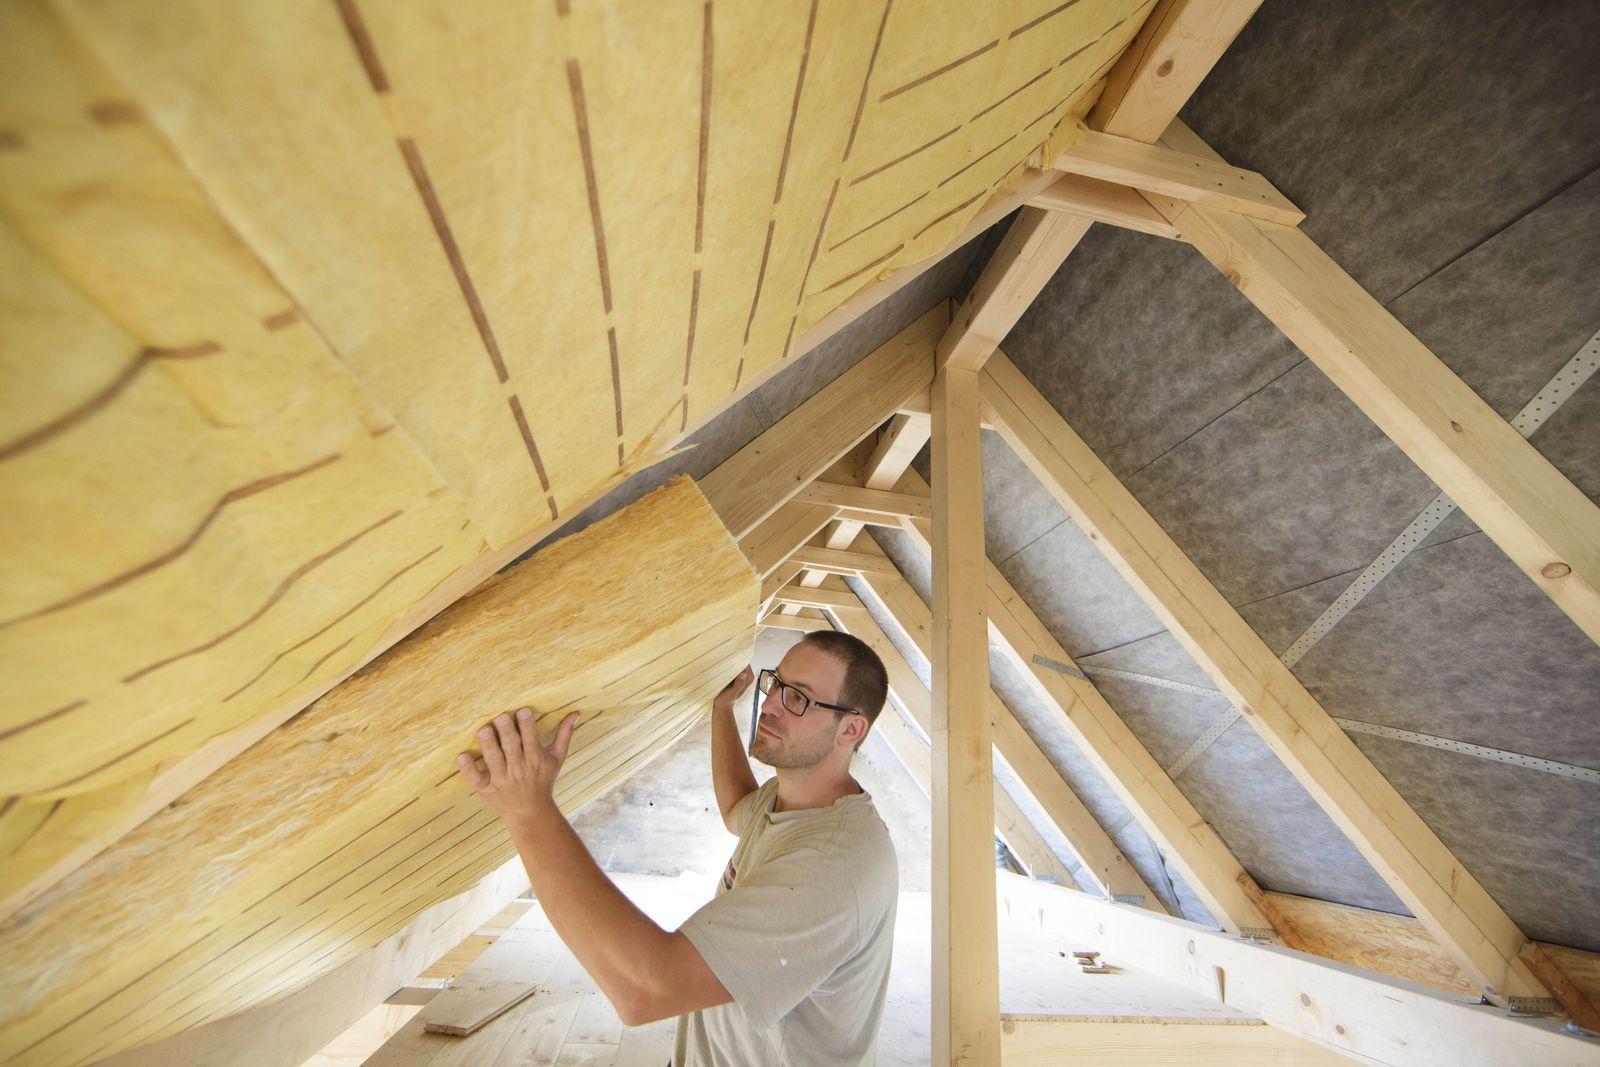 Ein Mann kleidet einen Dachstuhl mit einer Innenraumdaemmung aus Model Release vorhanden model rel